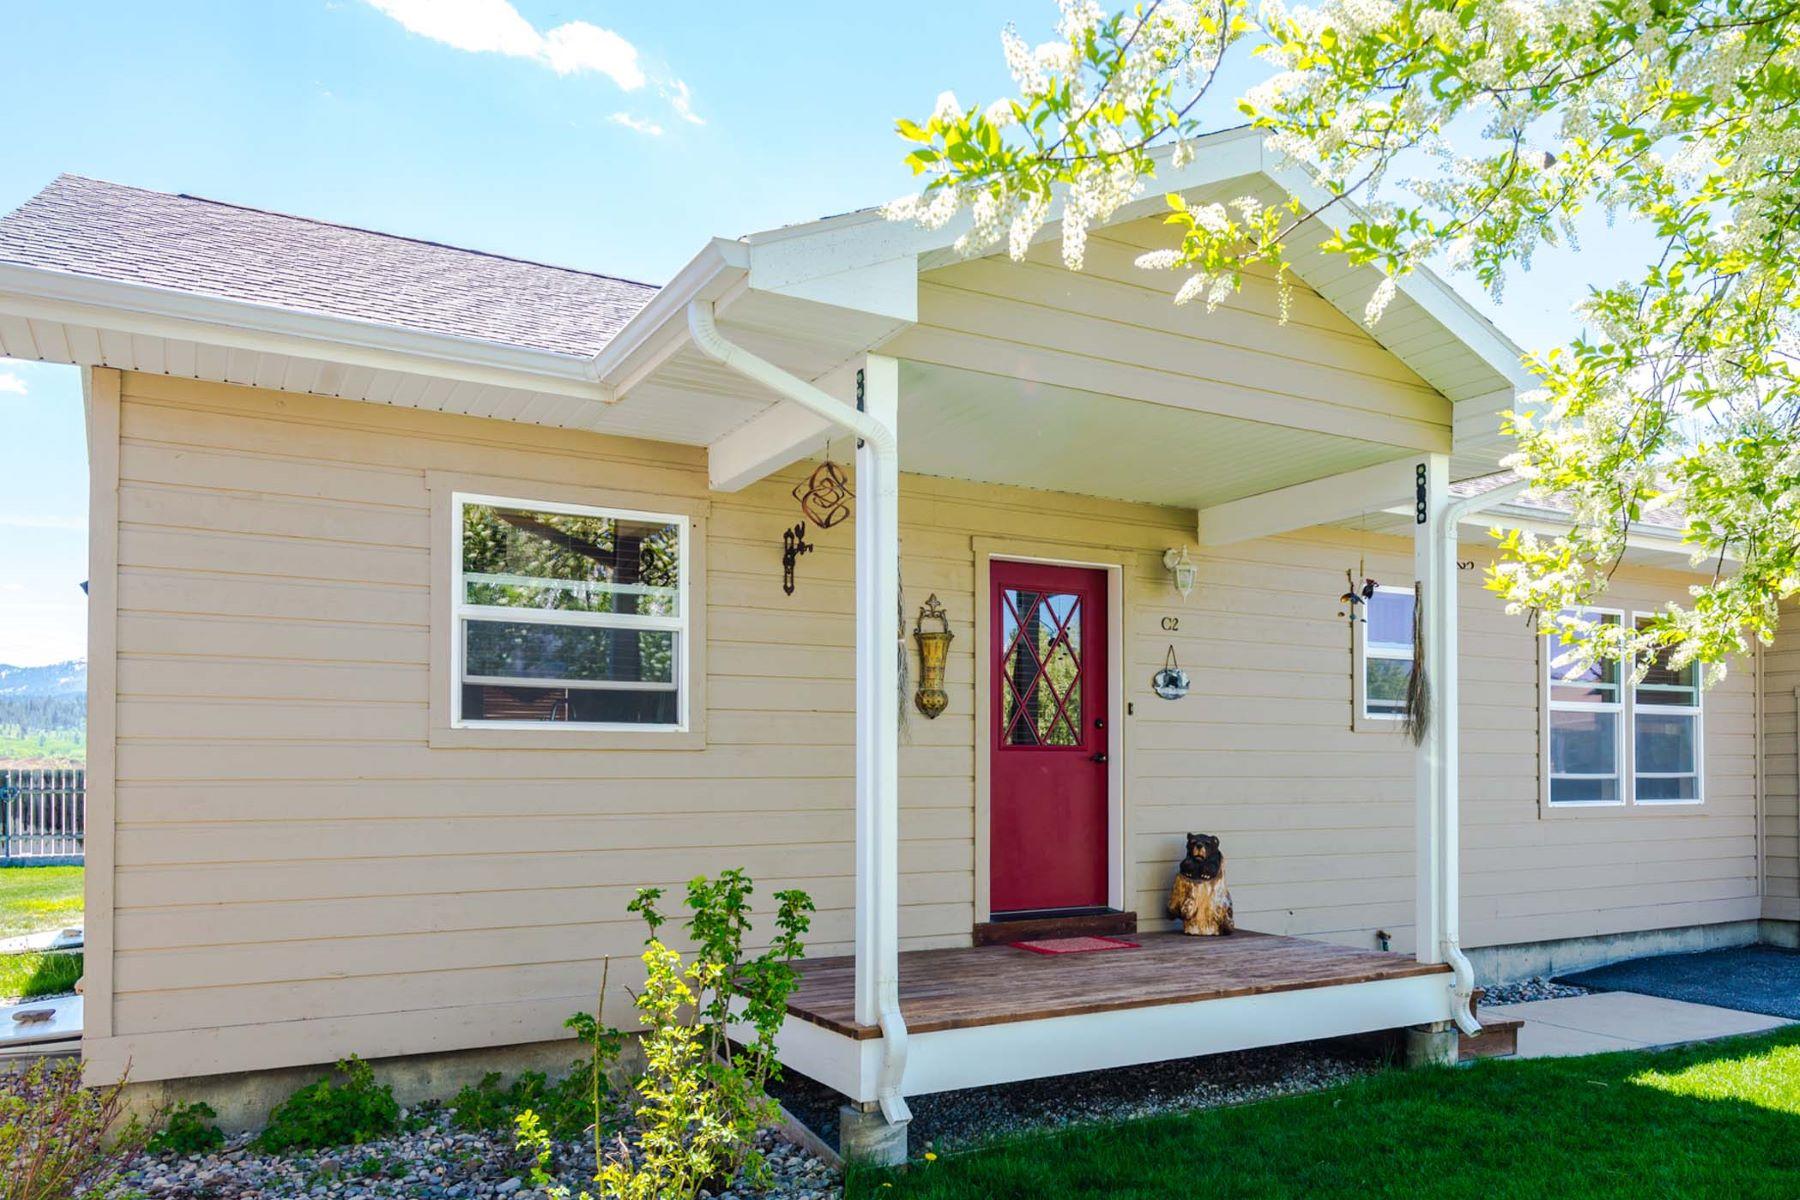 Частный односемейный дом для того Продажа на Remodeled Four Bedroom Townhome 504 Snake River Drive, Unit C2 Alpine, Вайоминг 83128 Соединенные Штаты